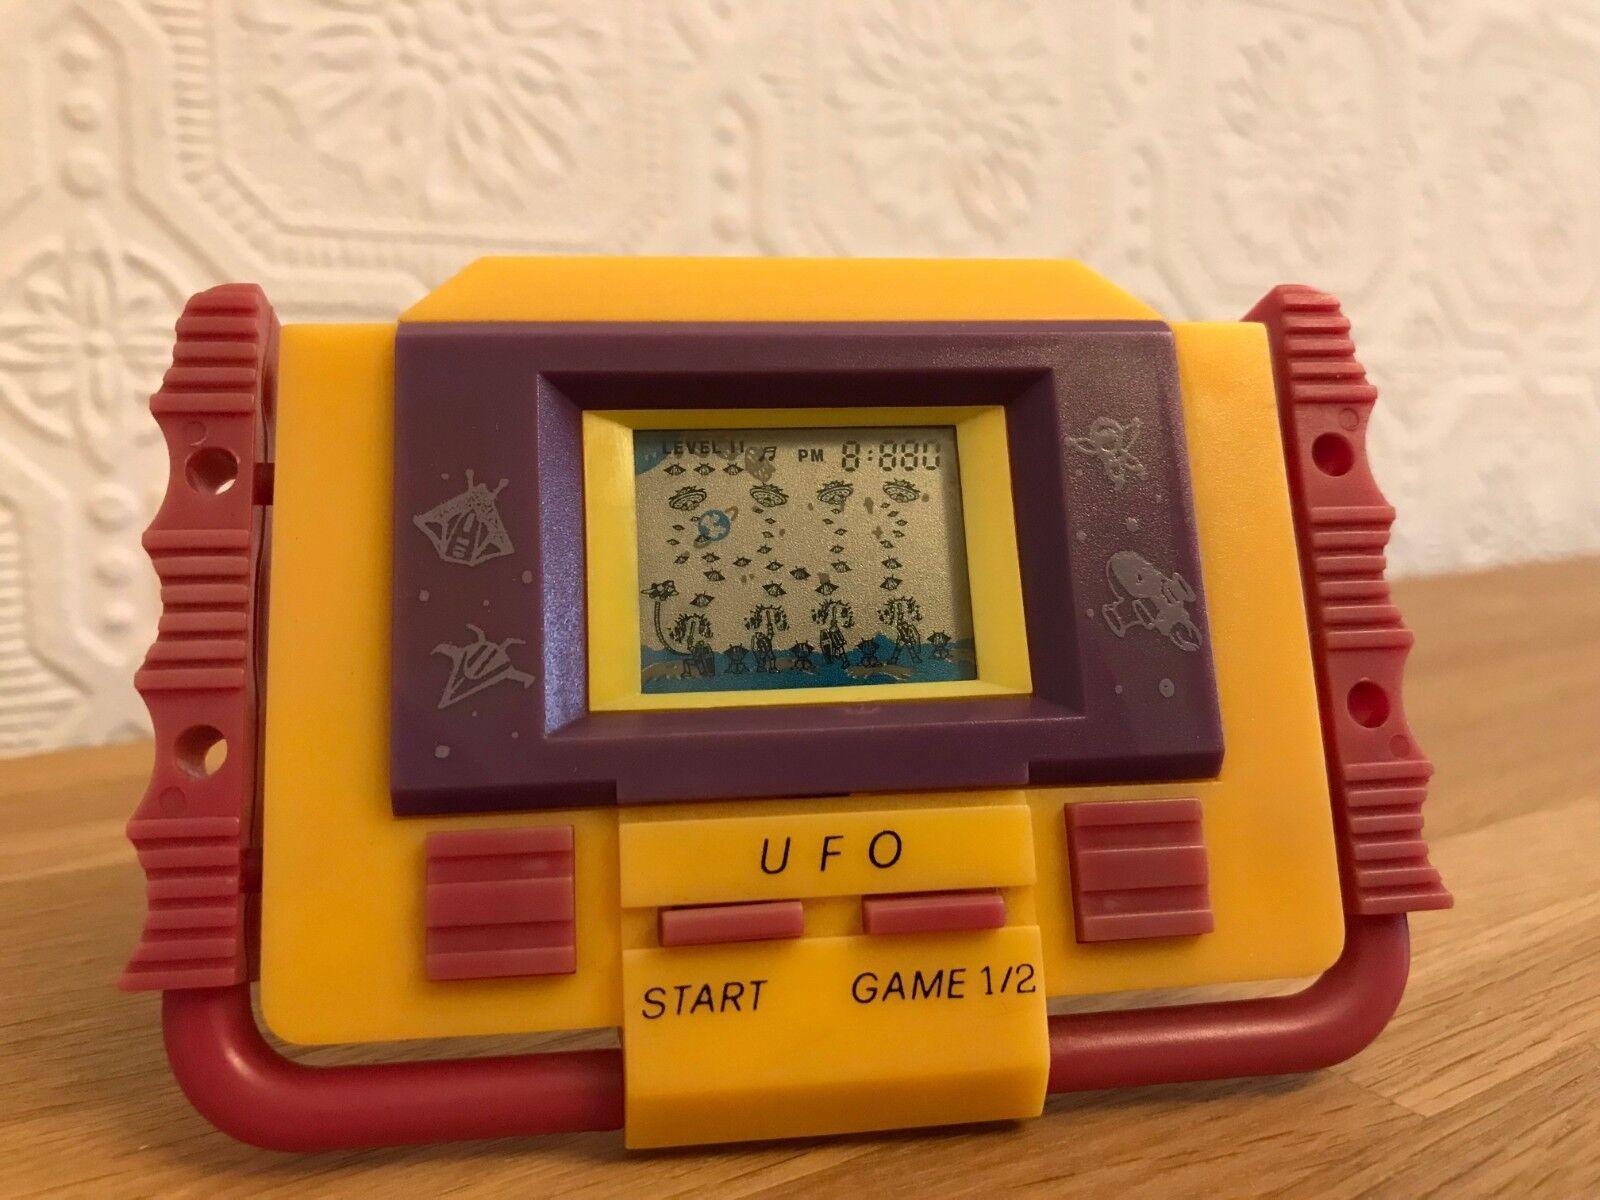 Vintage década de 1990 UFO LCD portátil electrónica Juego En Excelente Estado